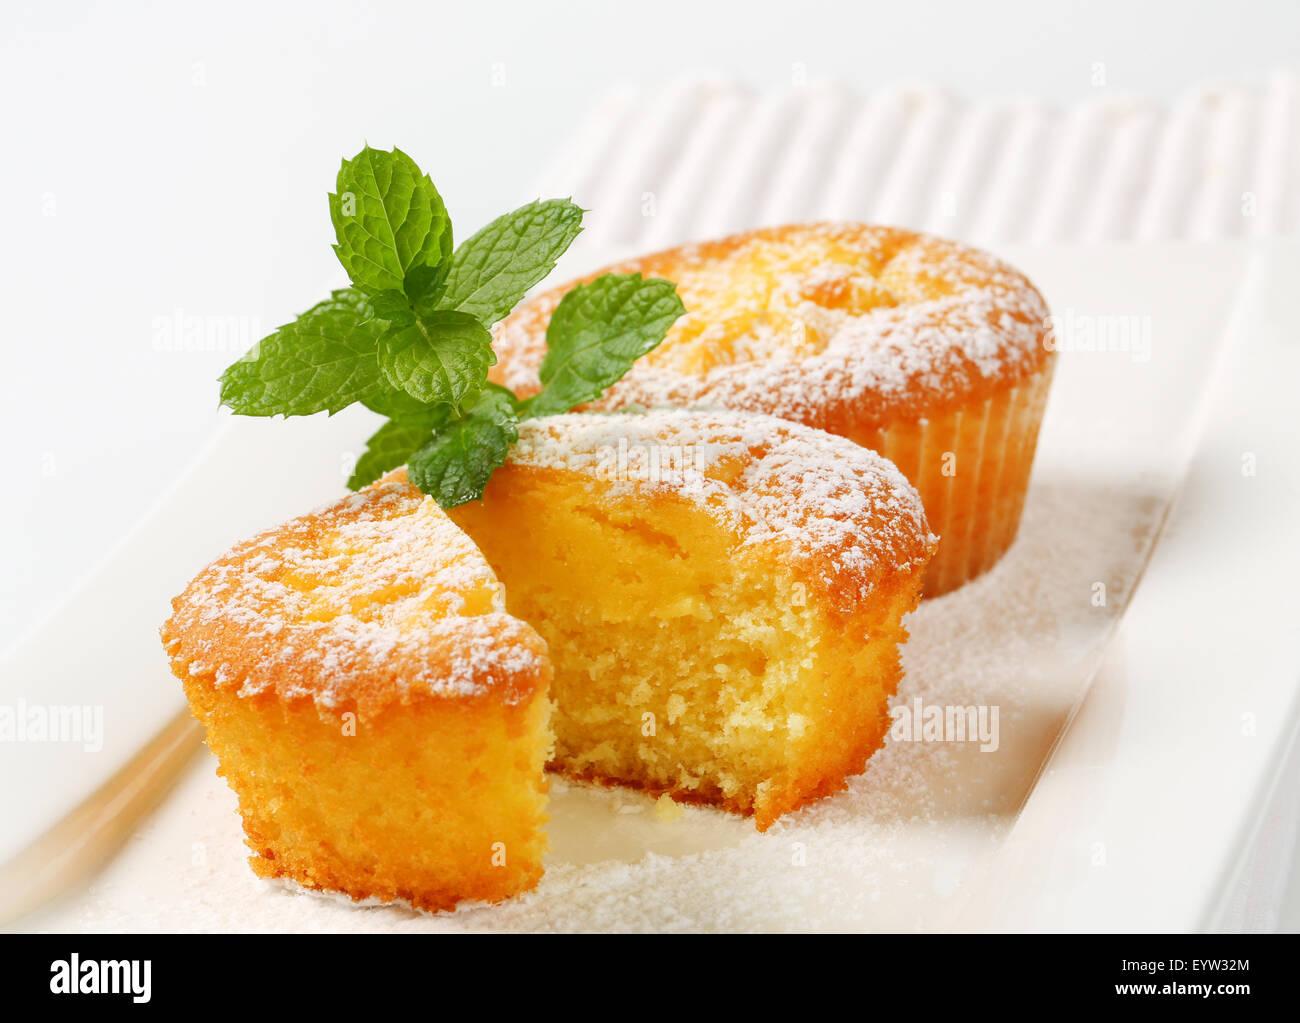 Crema pasticcera riempito muffin su piastra Foto Stock